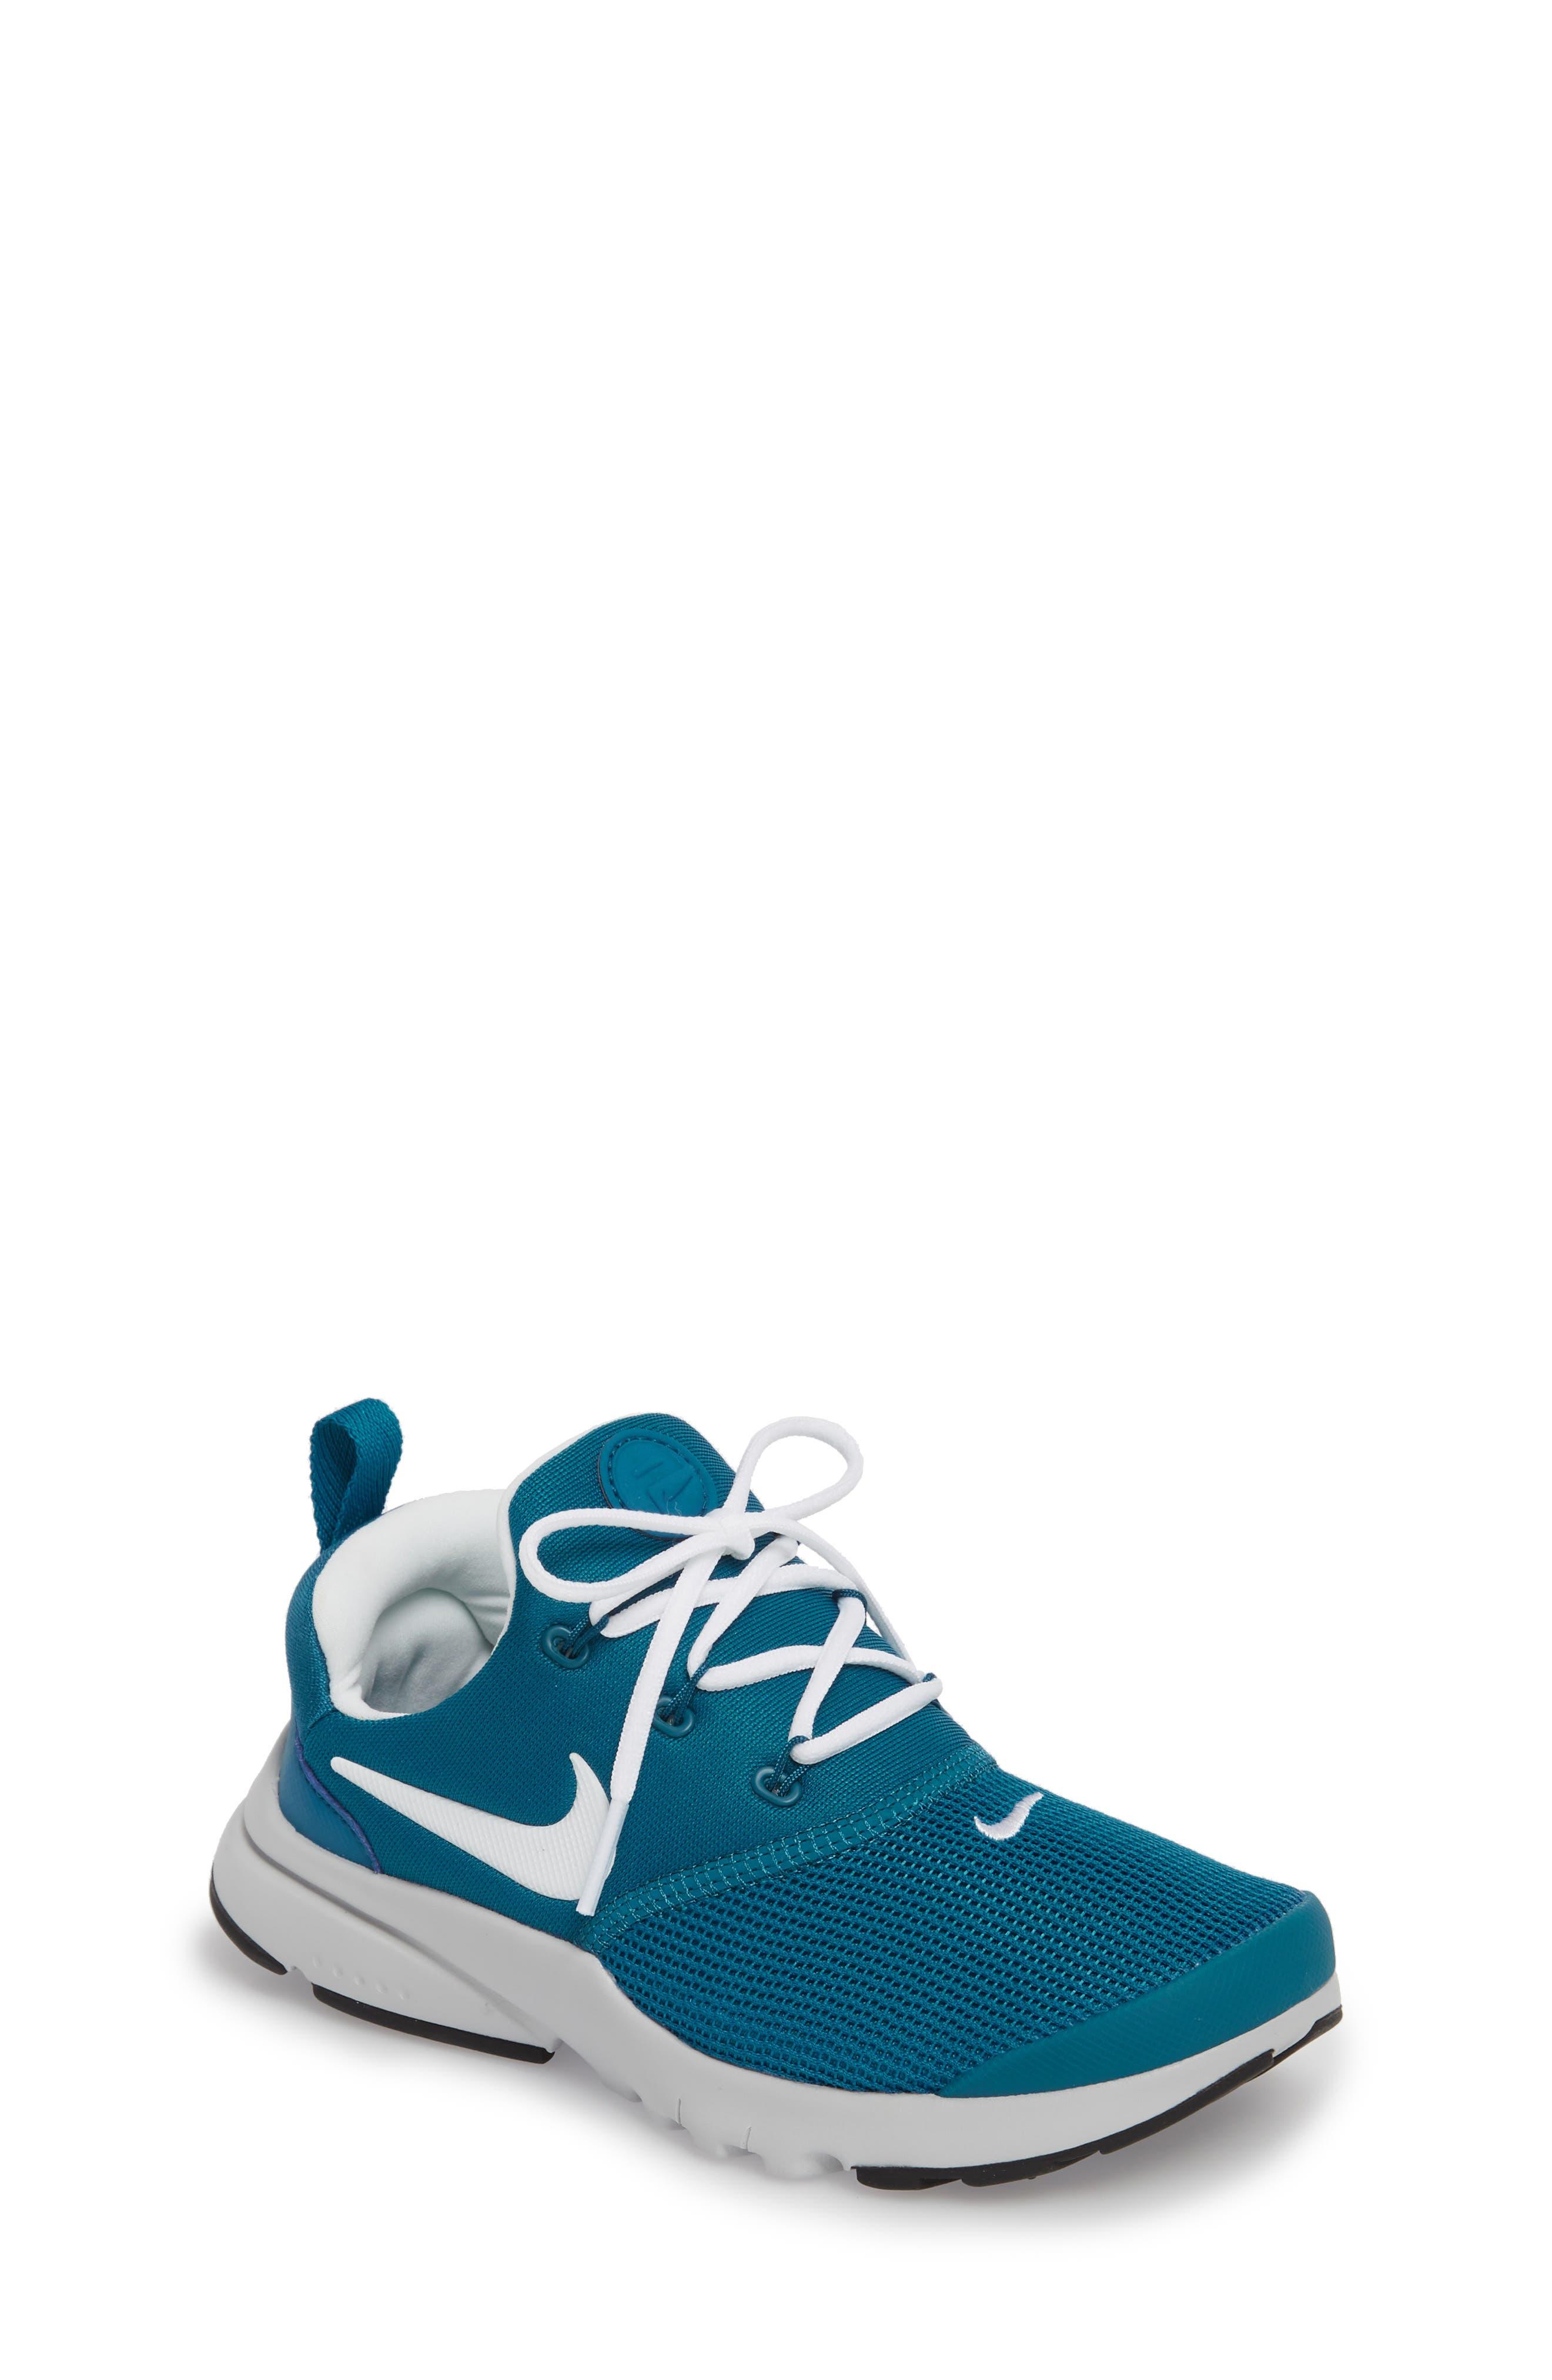 Main Image - Nike Presto Fly Sneaker (Toddler & Little Kid)